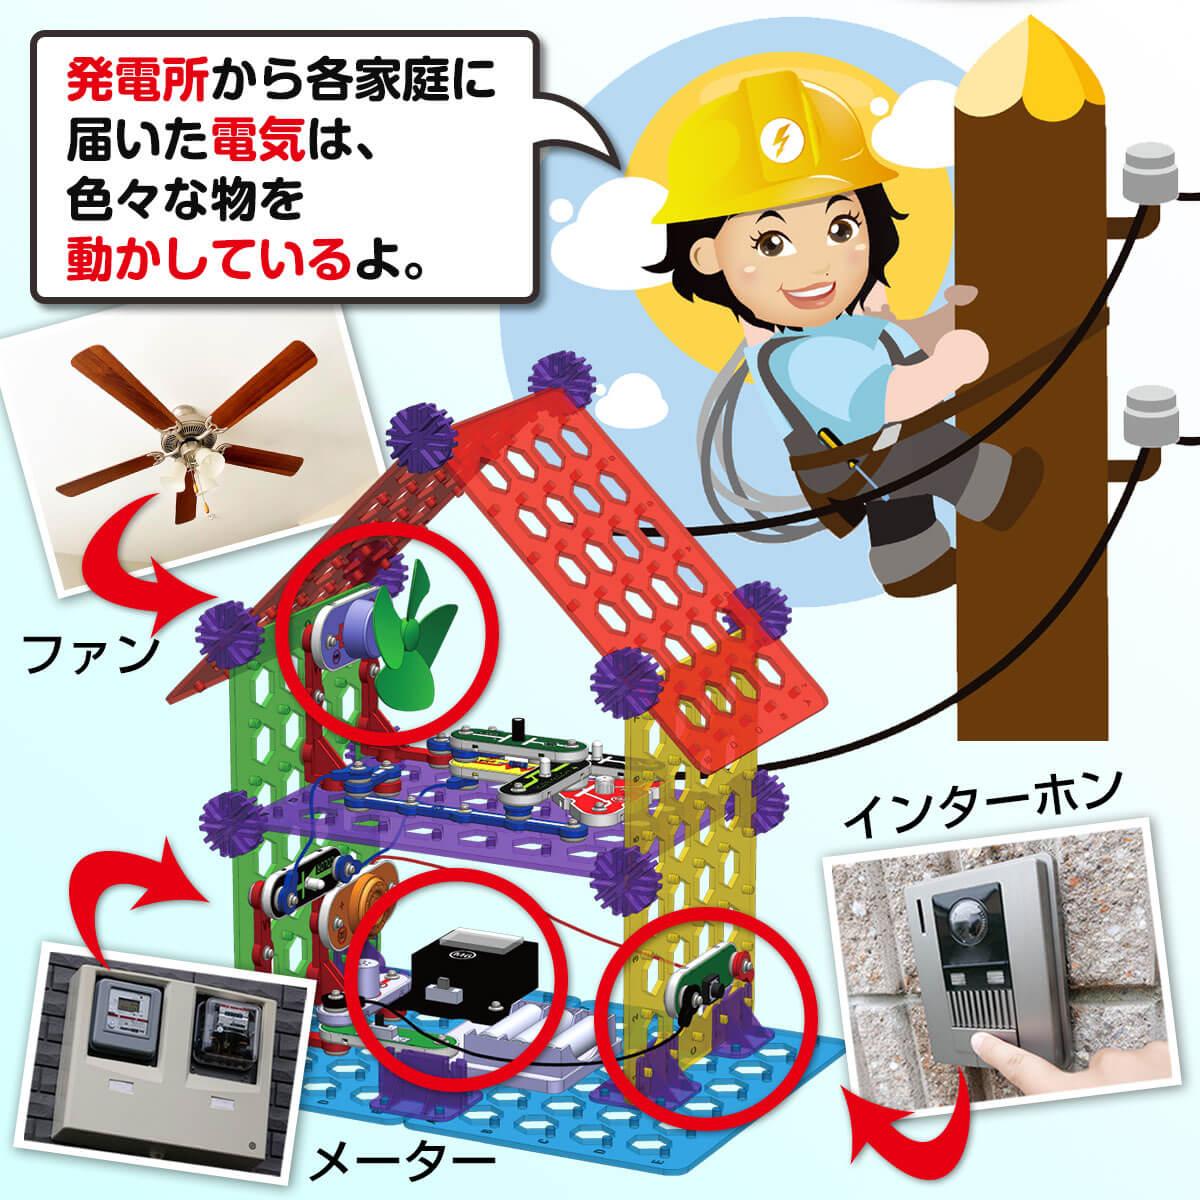 発電所からの電気でモノを動かす